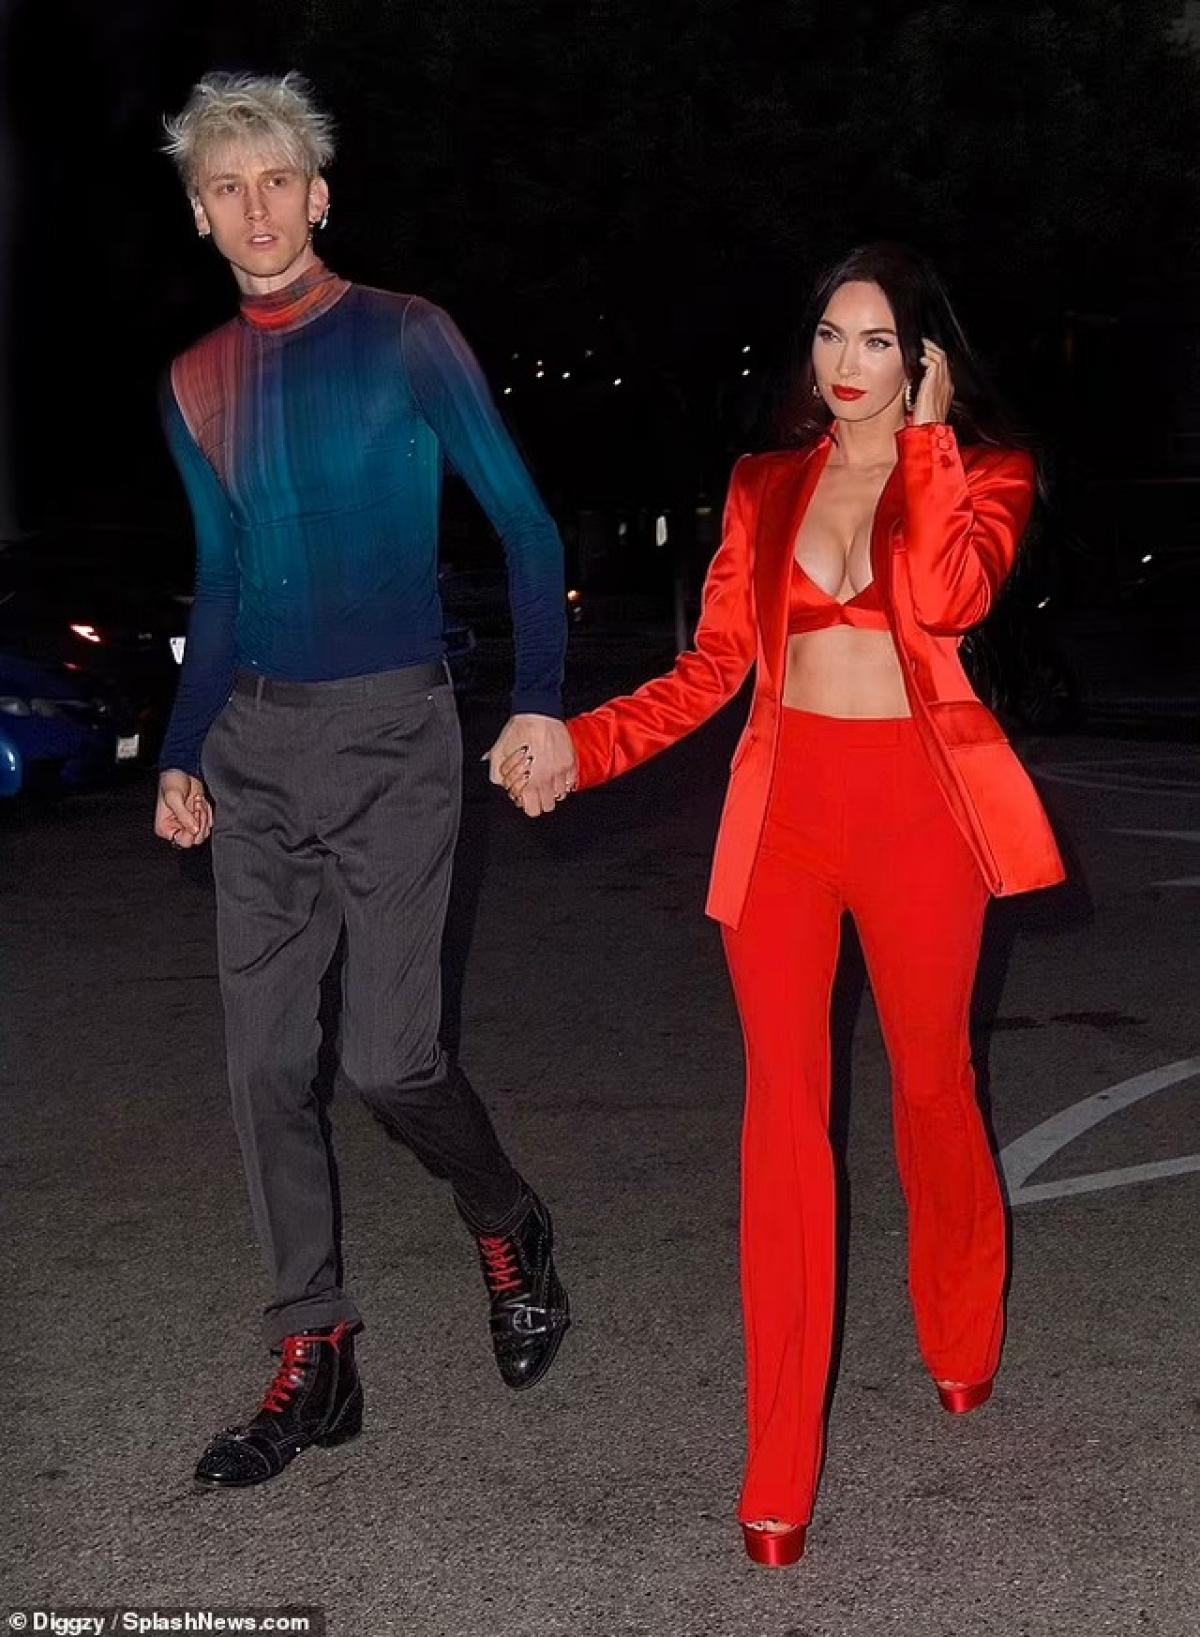 Ngày 16/5 (giờ địa phương) là sinh nhật của Megan Fox nên cô được bạn trai đưa đi ăn tối và hẹn hò lãng mạn.